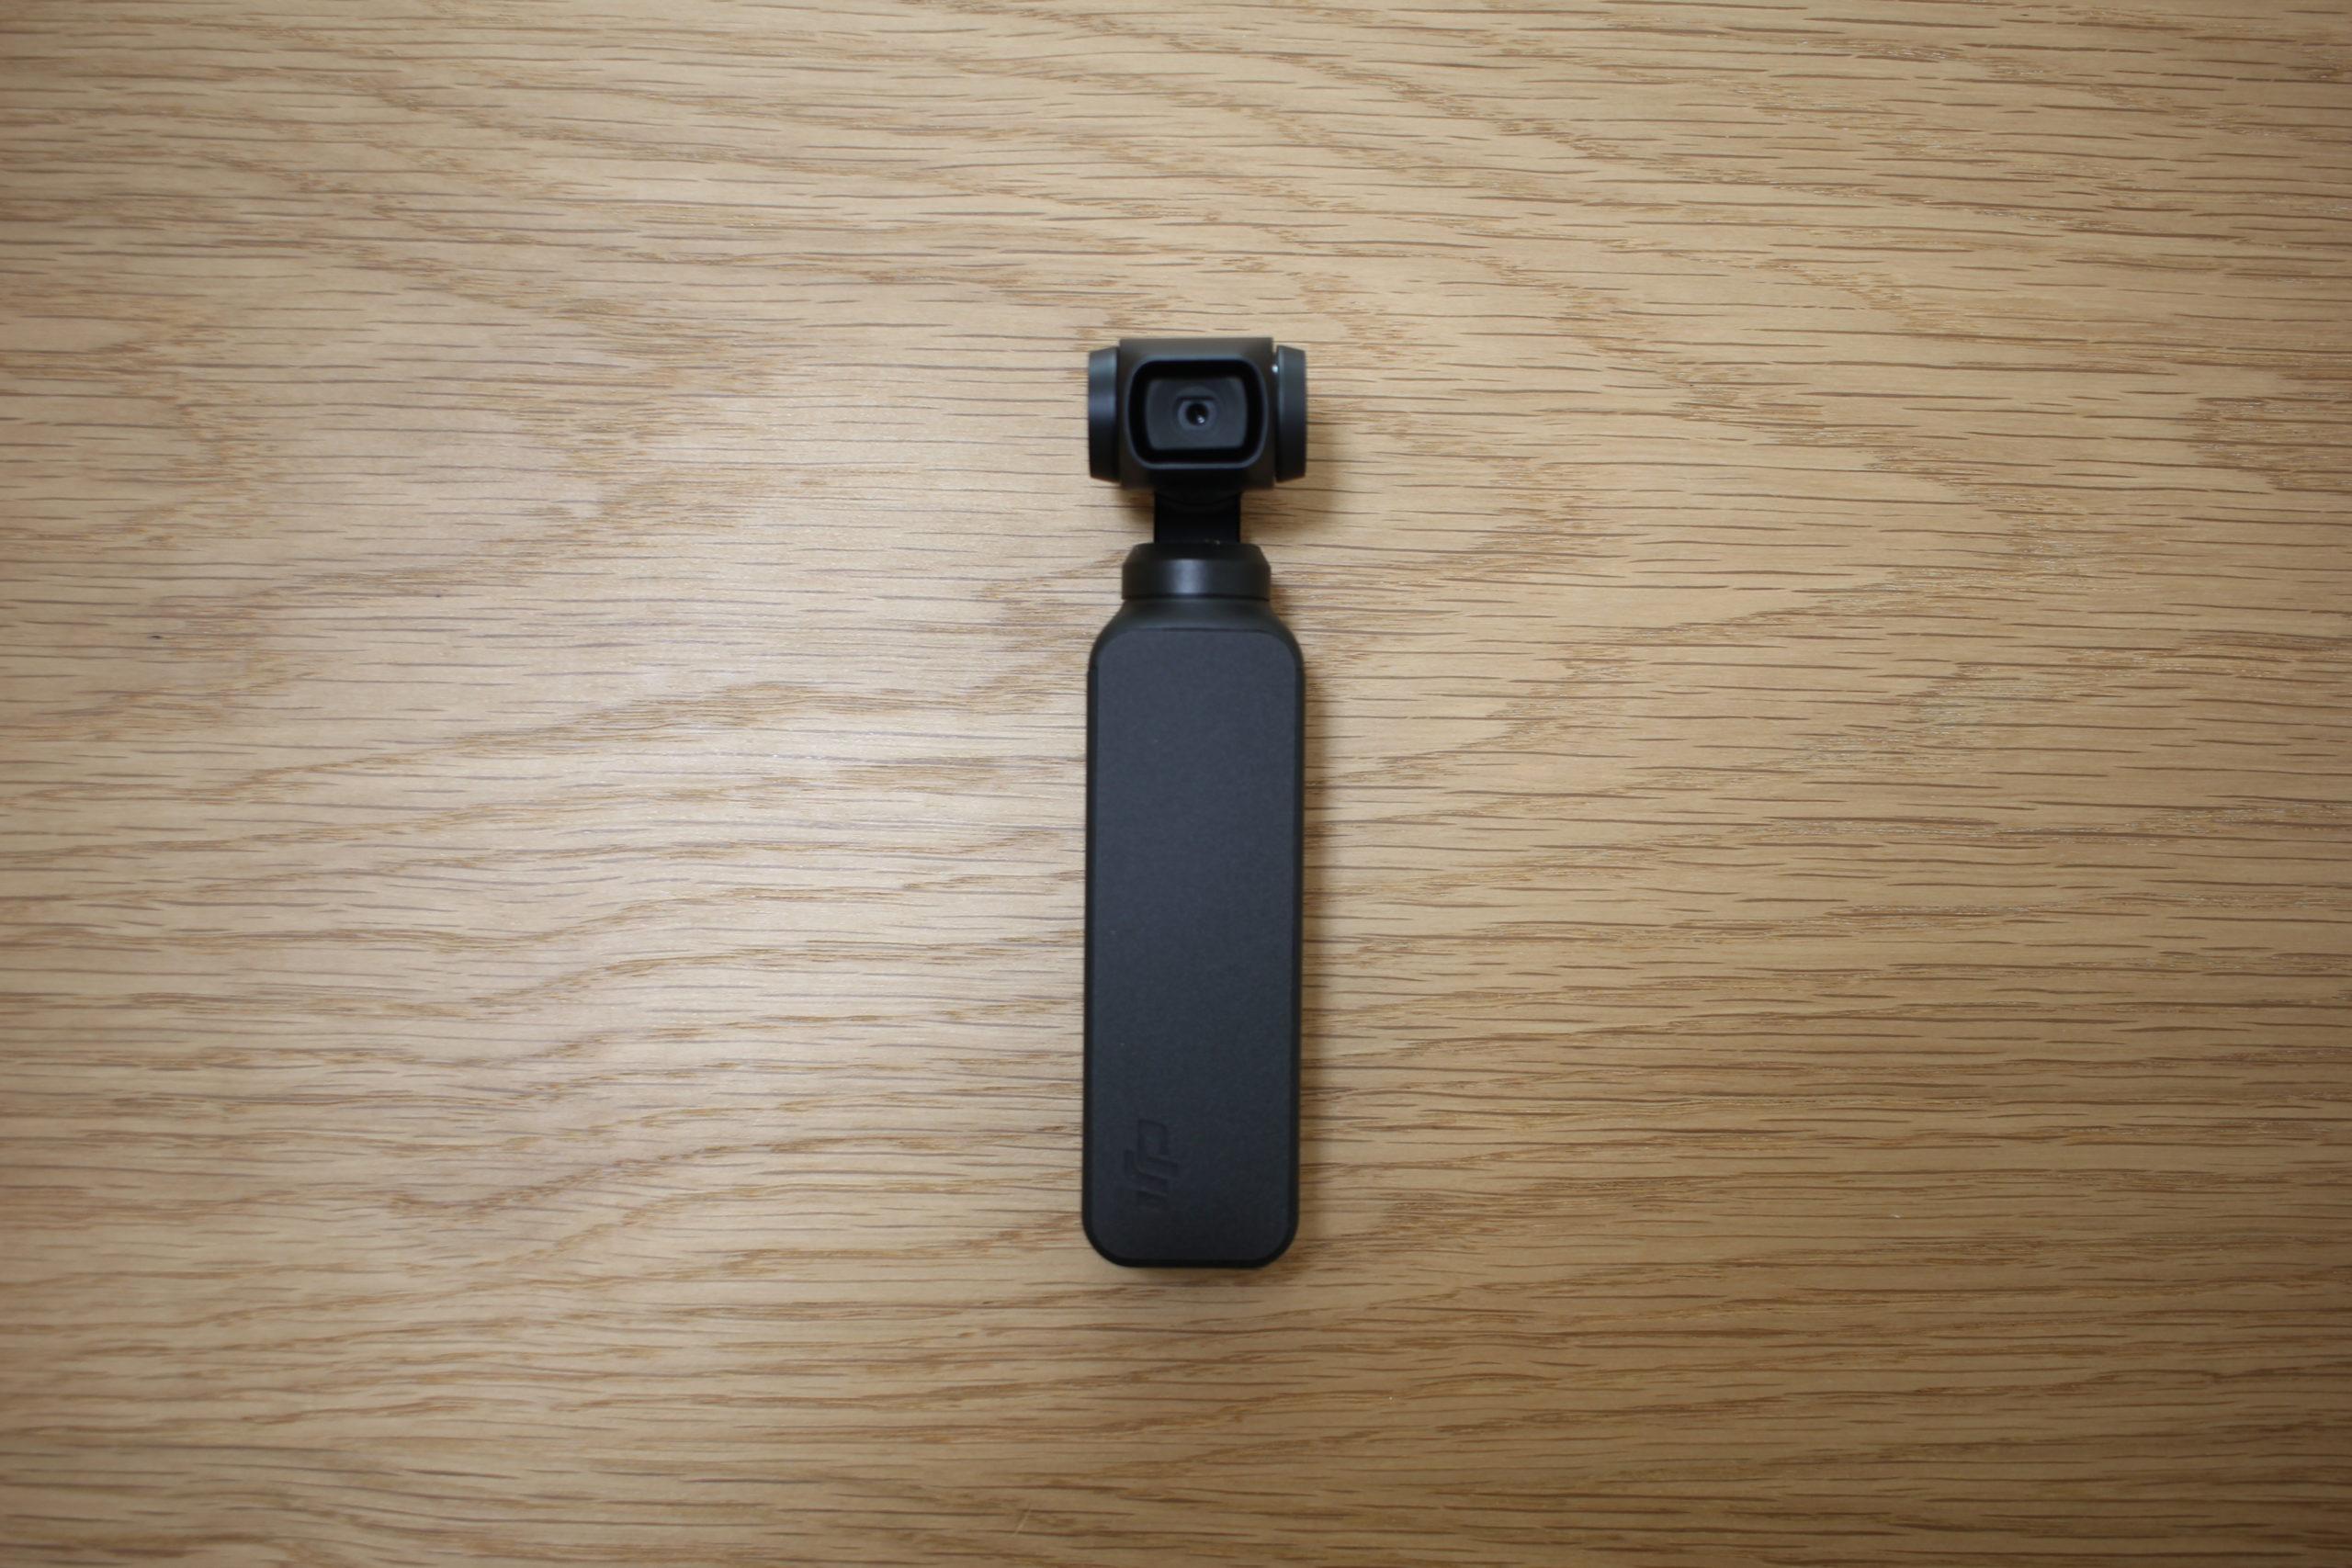 DJI「Osmo Pocket」保護フィルムはがしたあとの背面